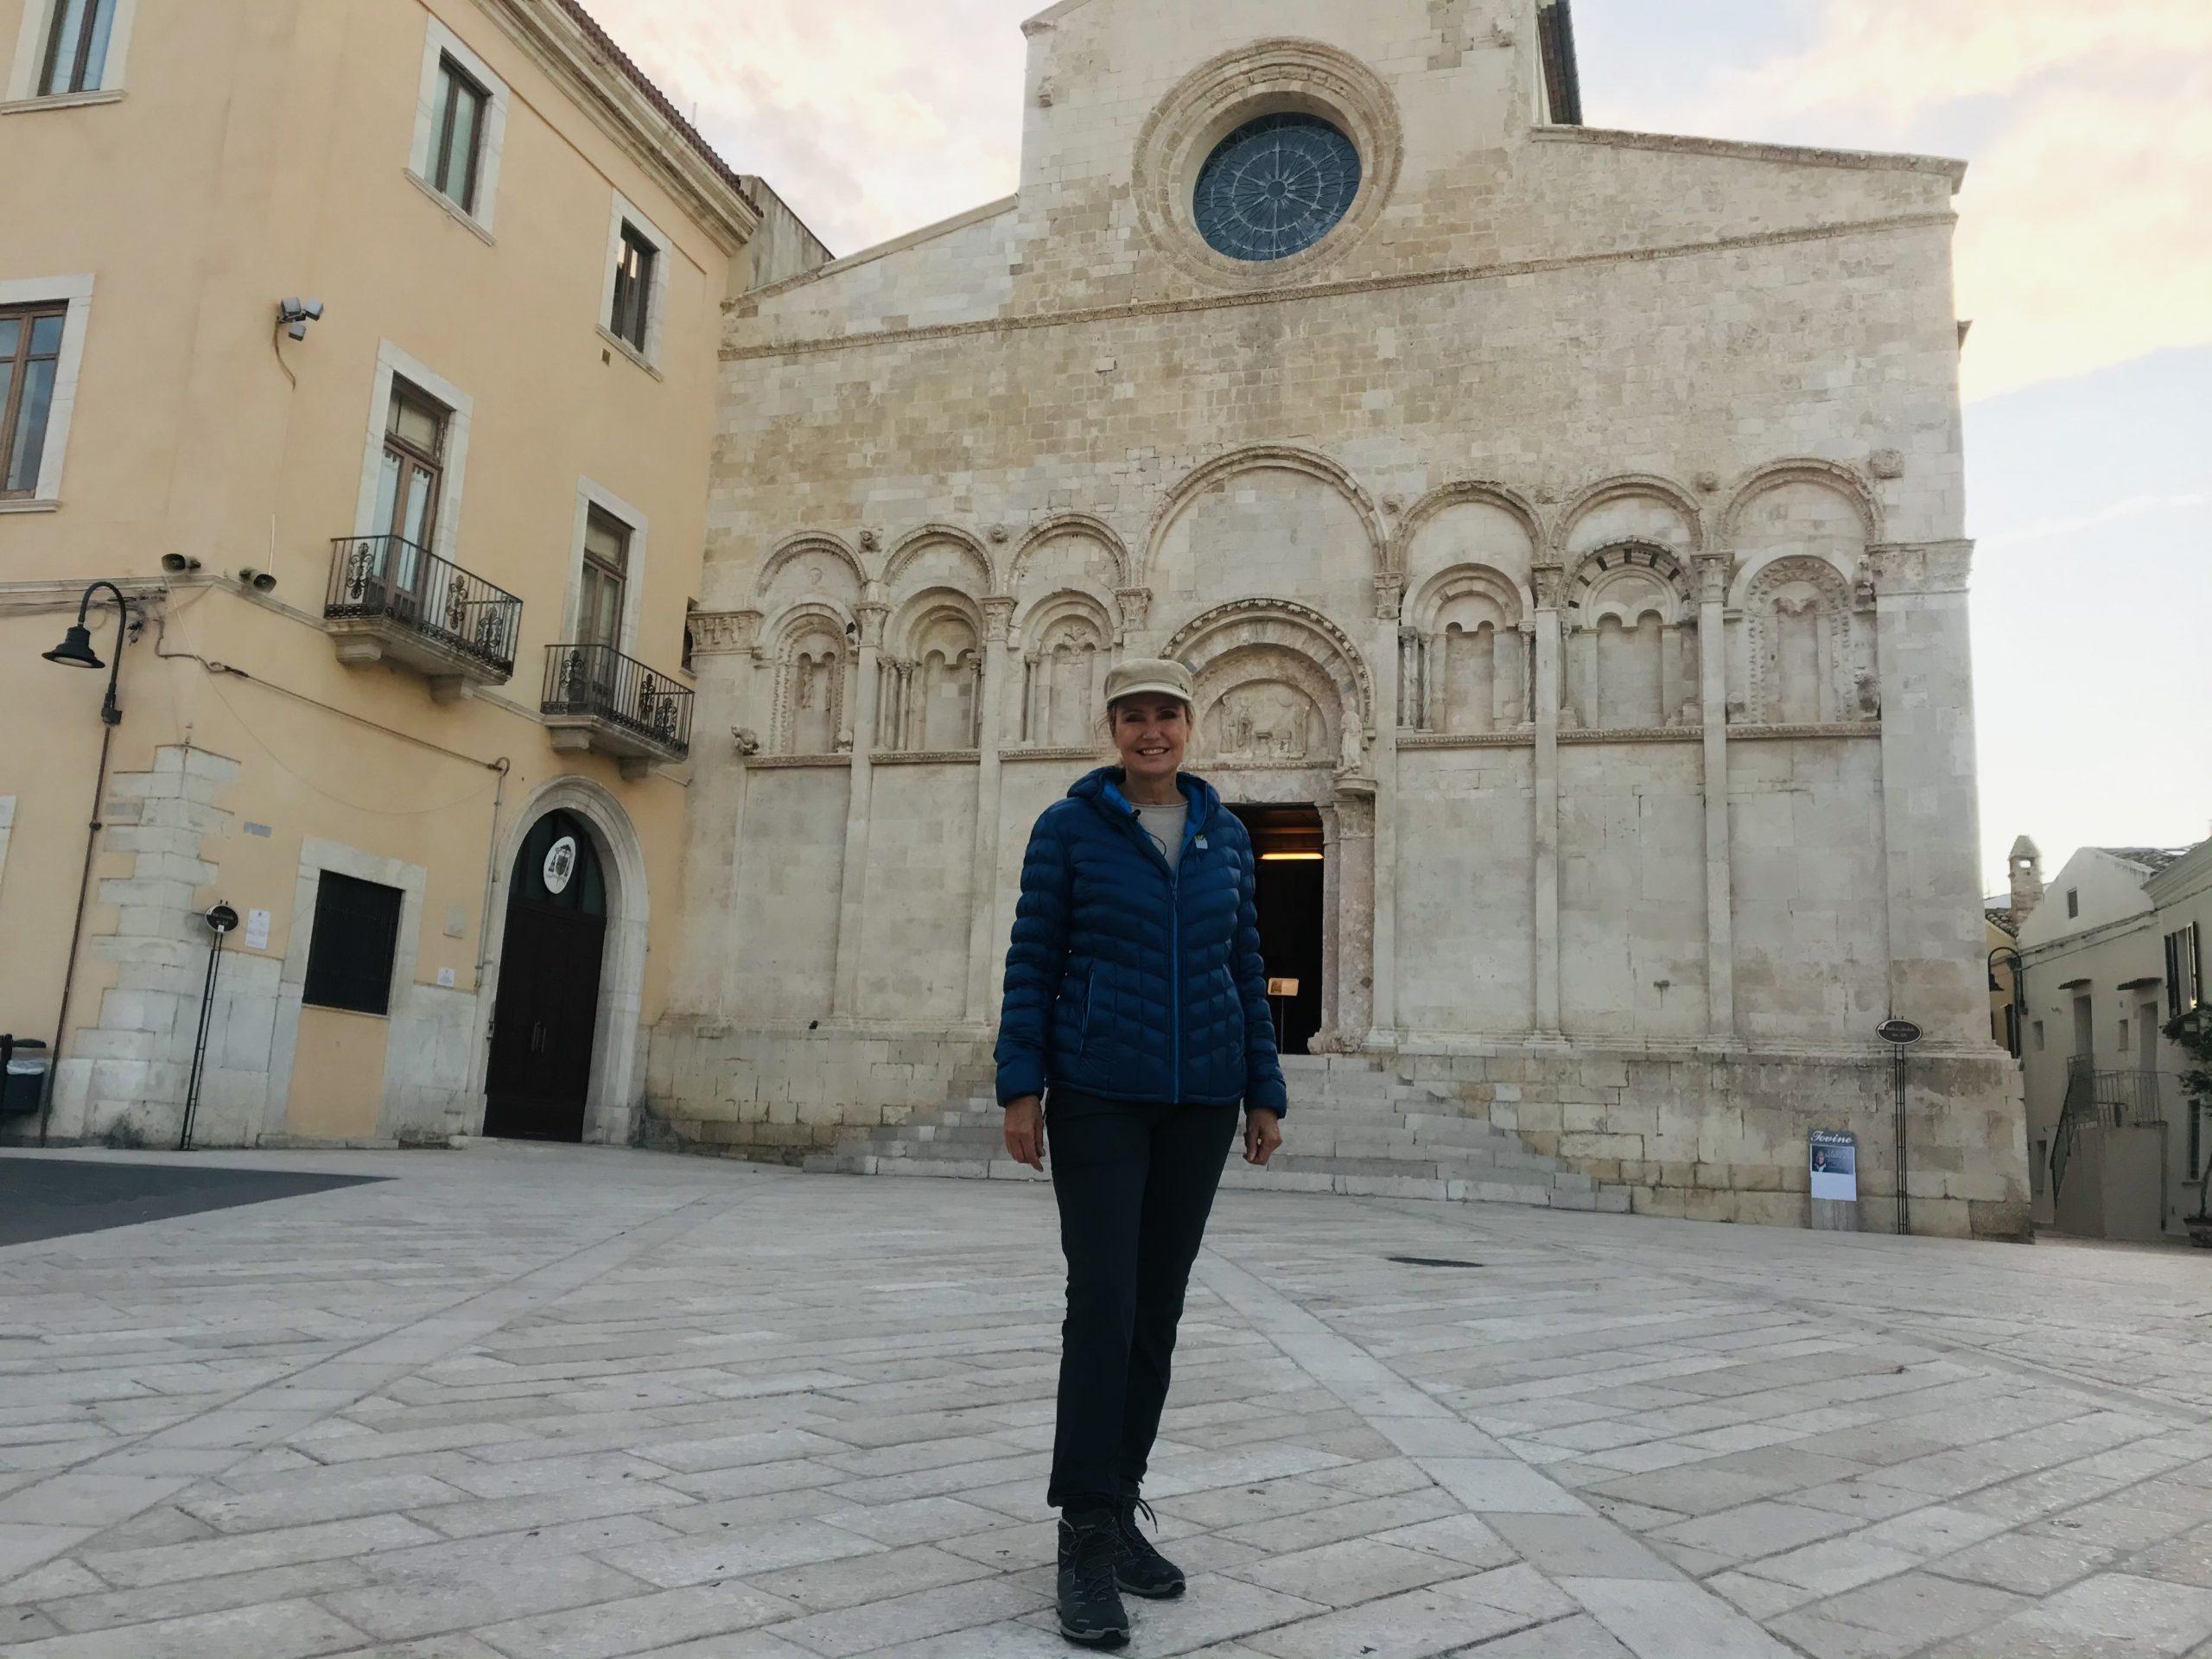 Azienda Autonoma di Soggiorno e Turismo Termoli - l'Italia ...